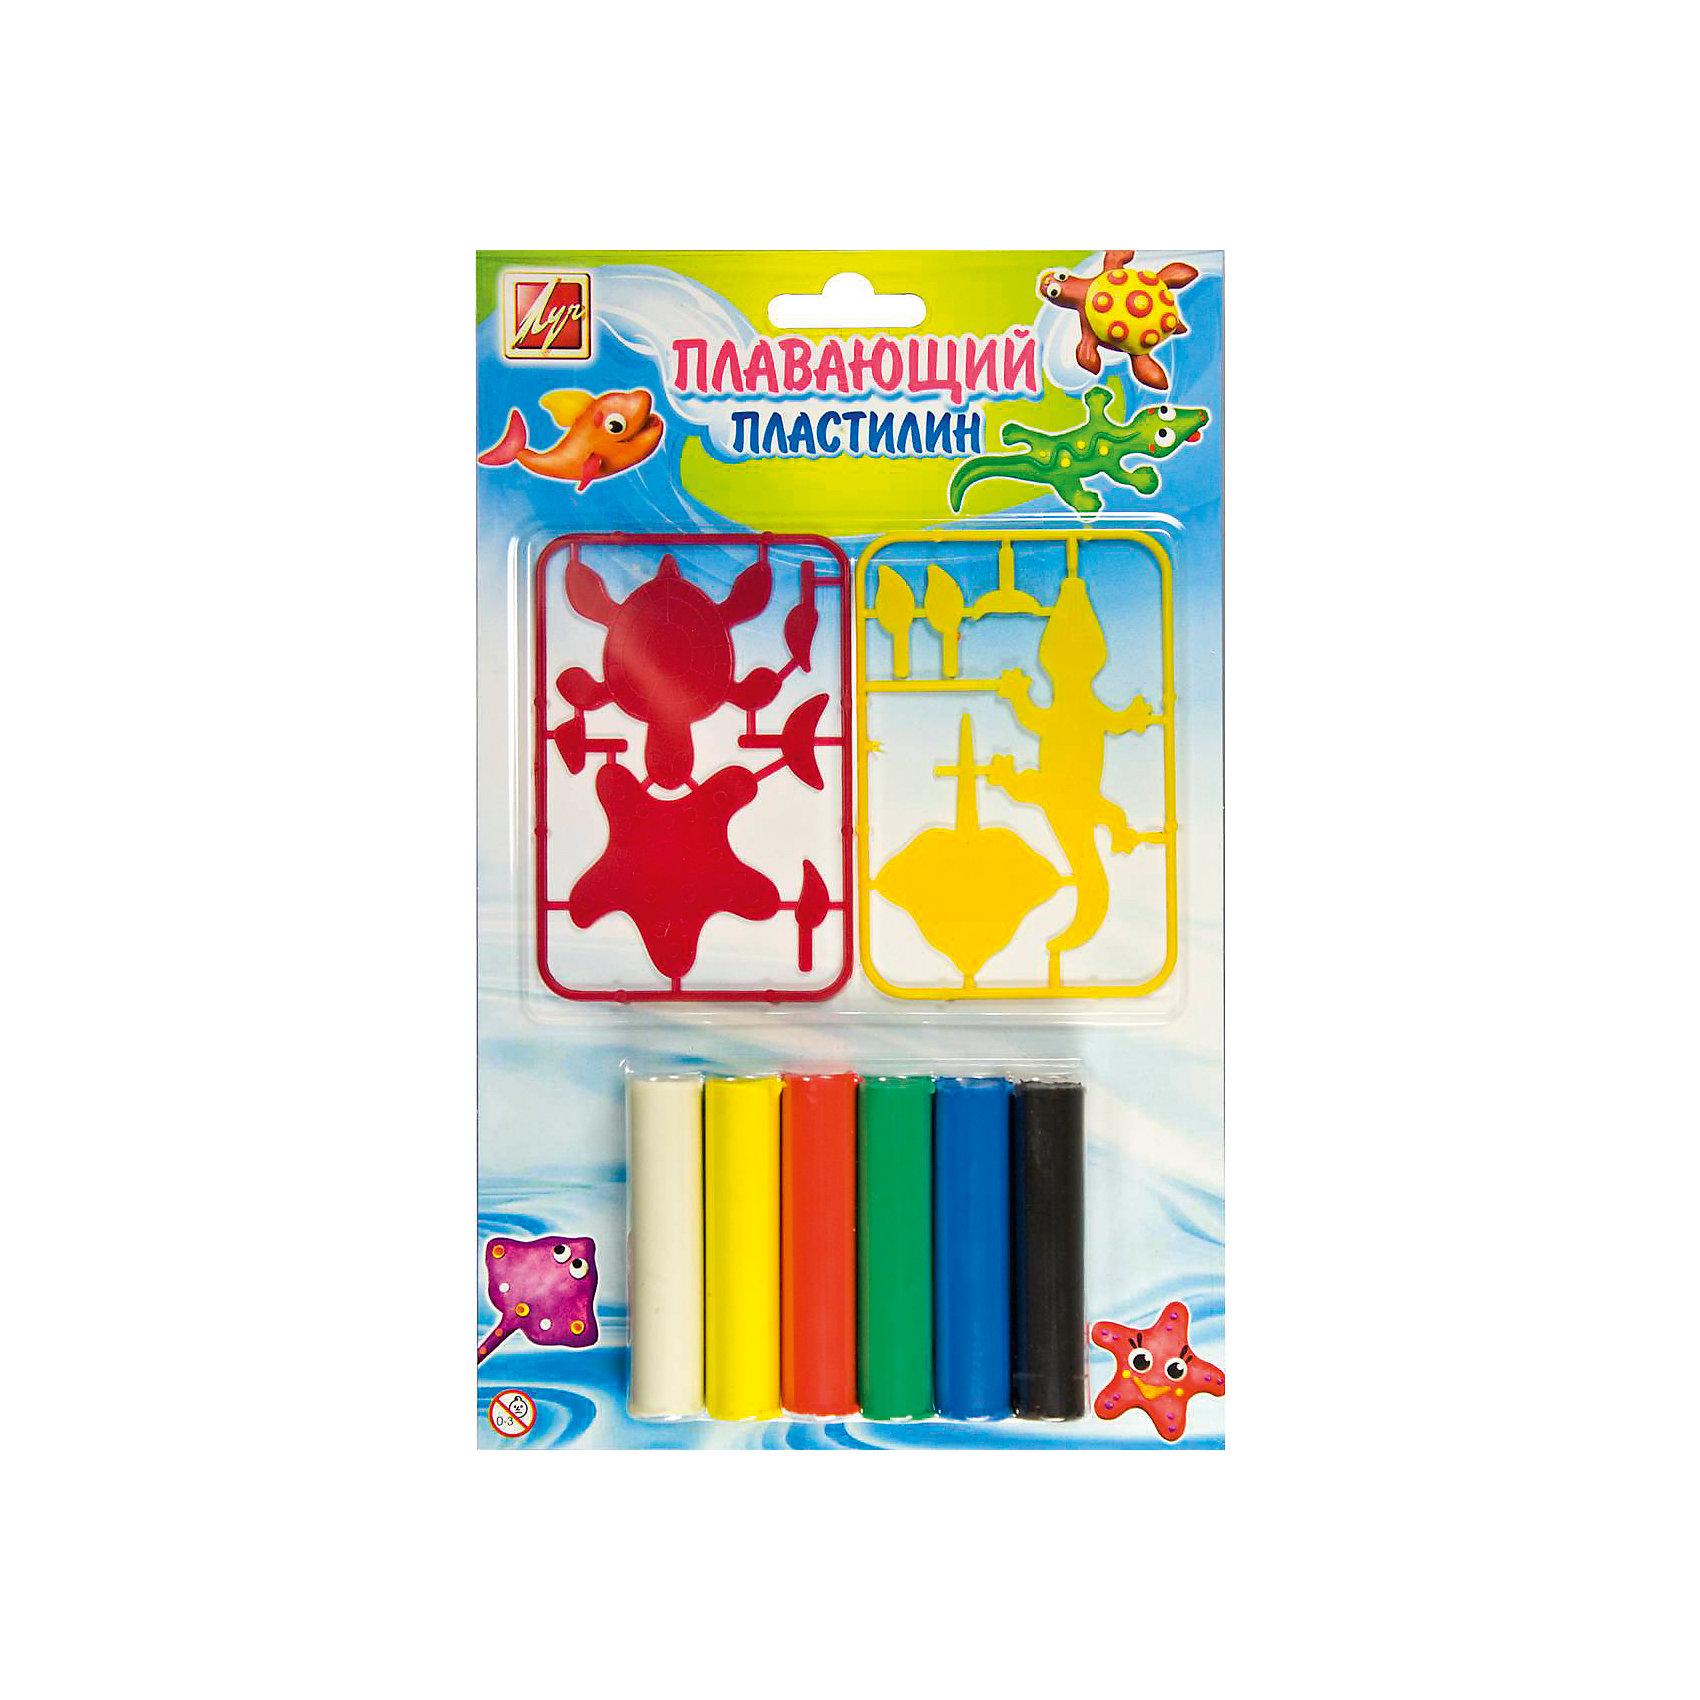 ЛУЧ Набор для творчества плавающий пластилин, 6 цветов наборы для поделок луч набор для изготовления мыла африка